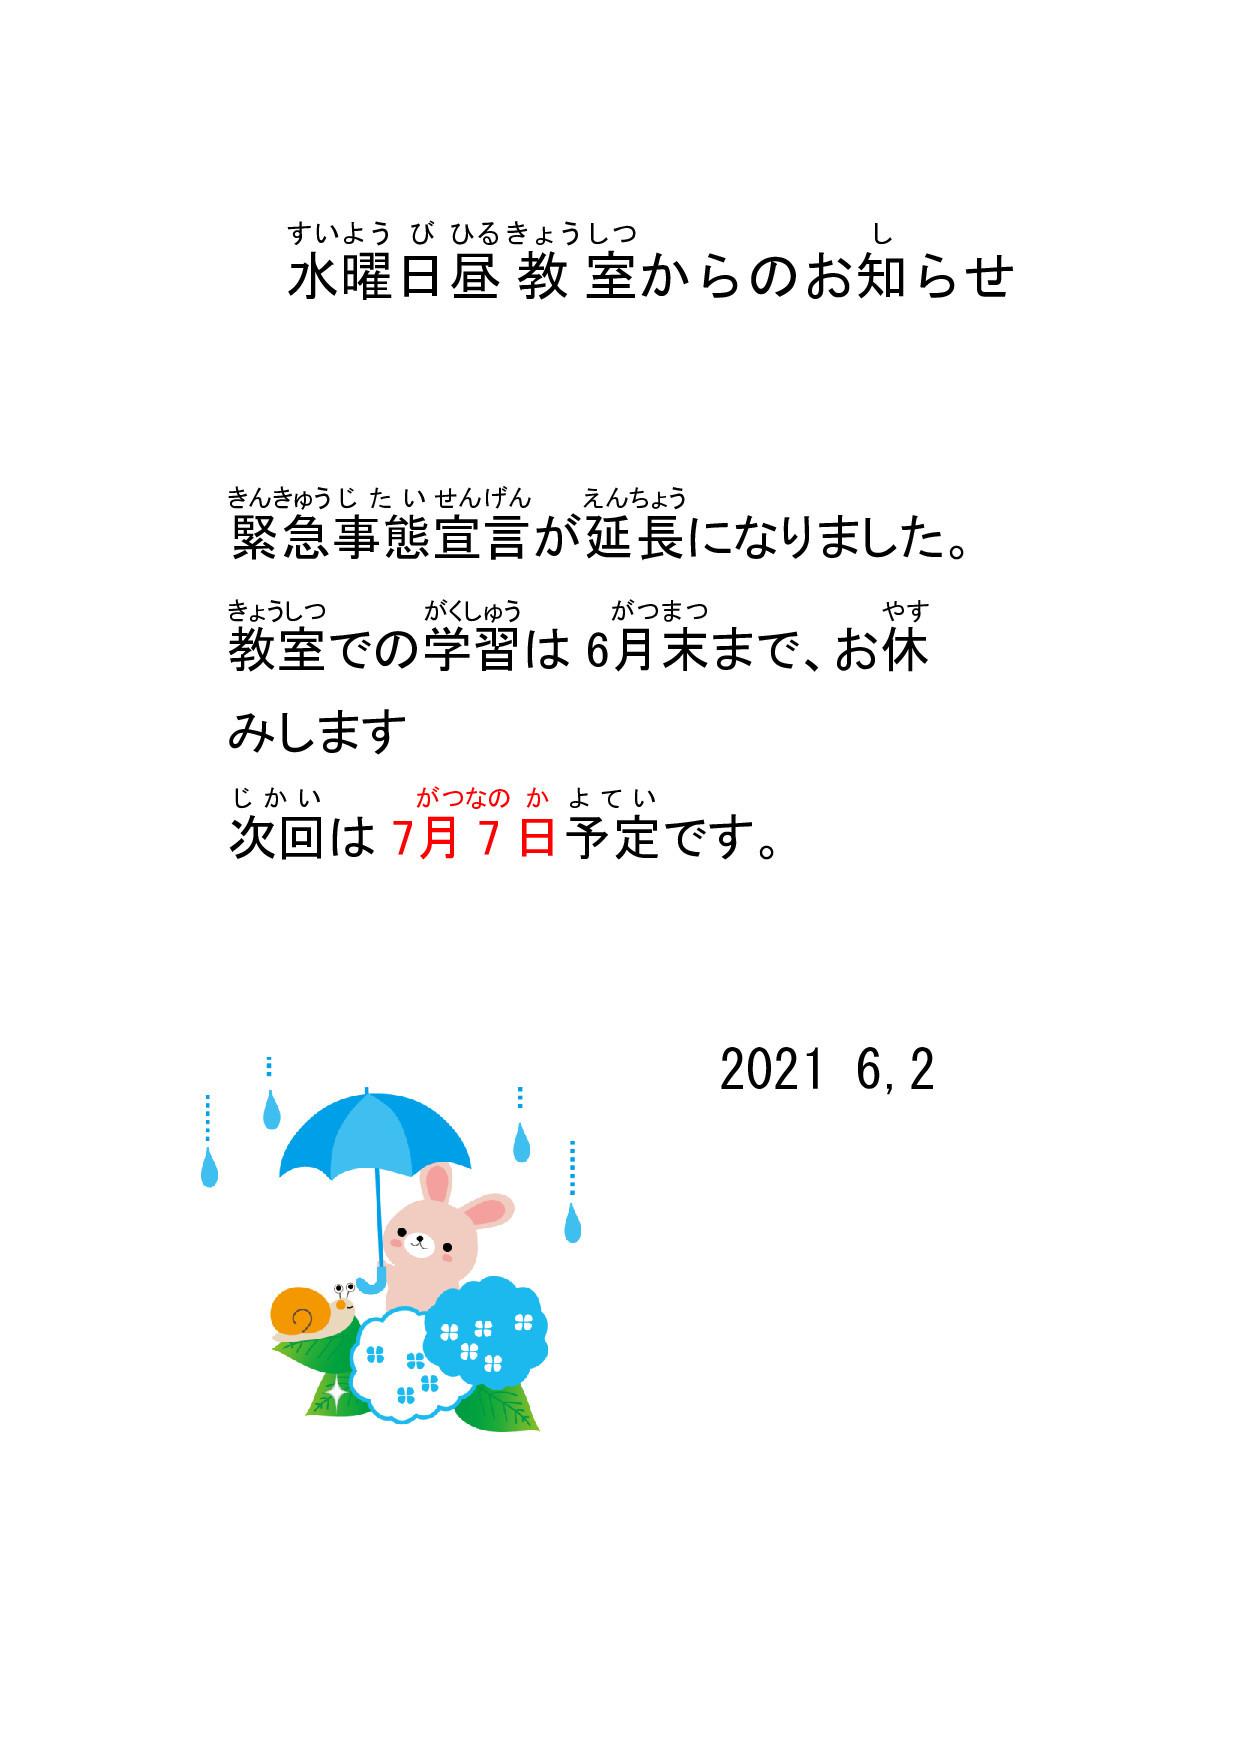 水曜日昼教室から、お休みのお知らせ_e0175020_13054072.jpg